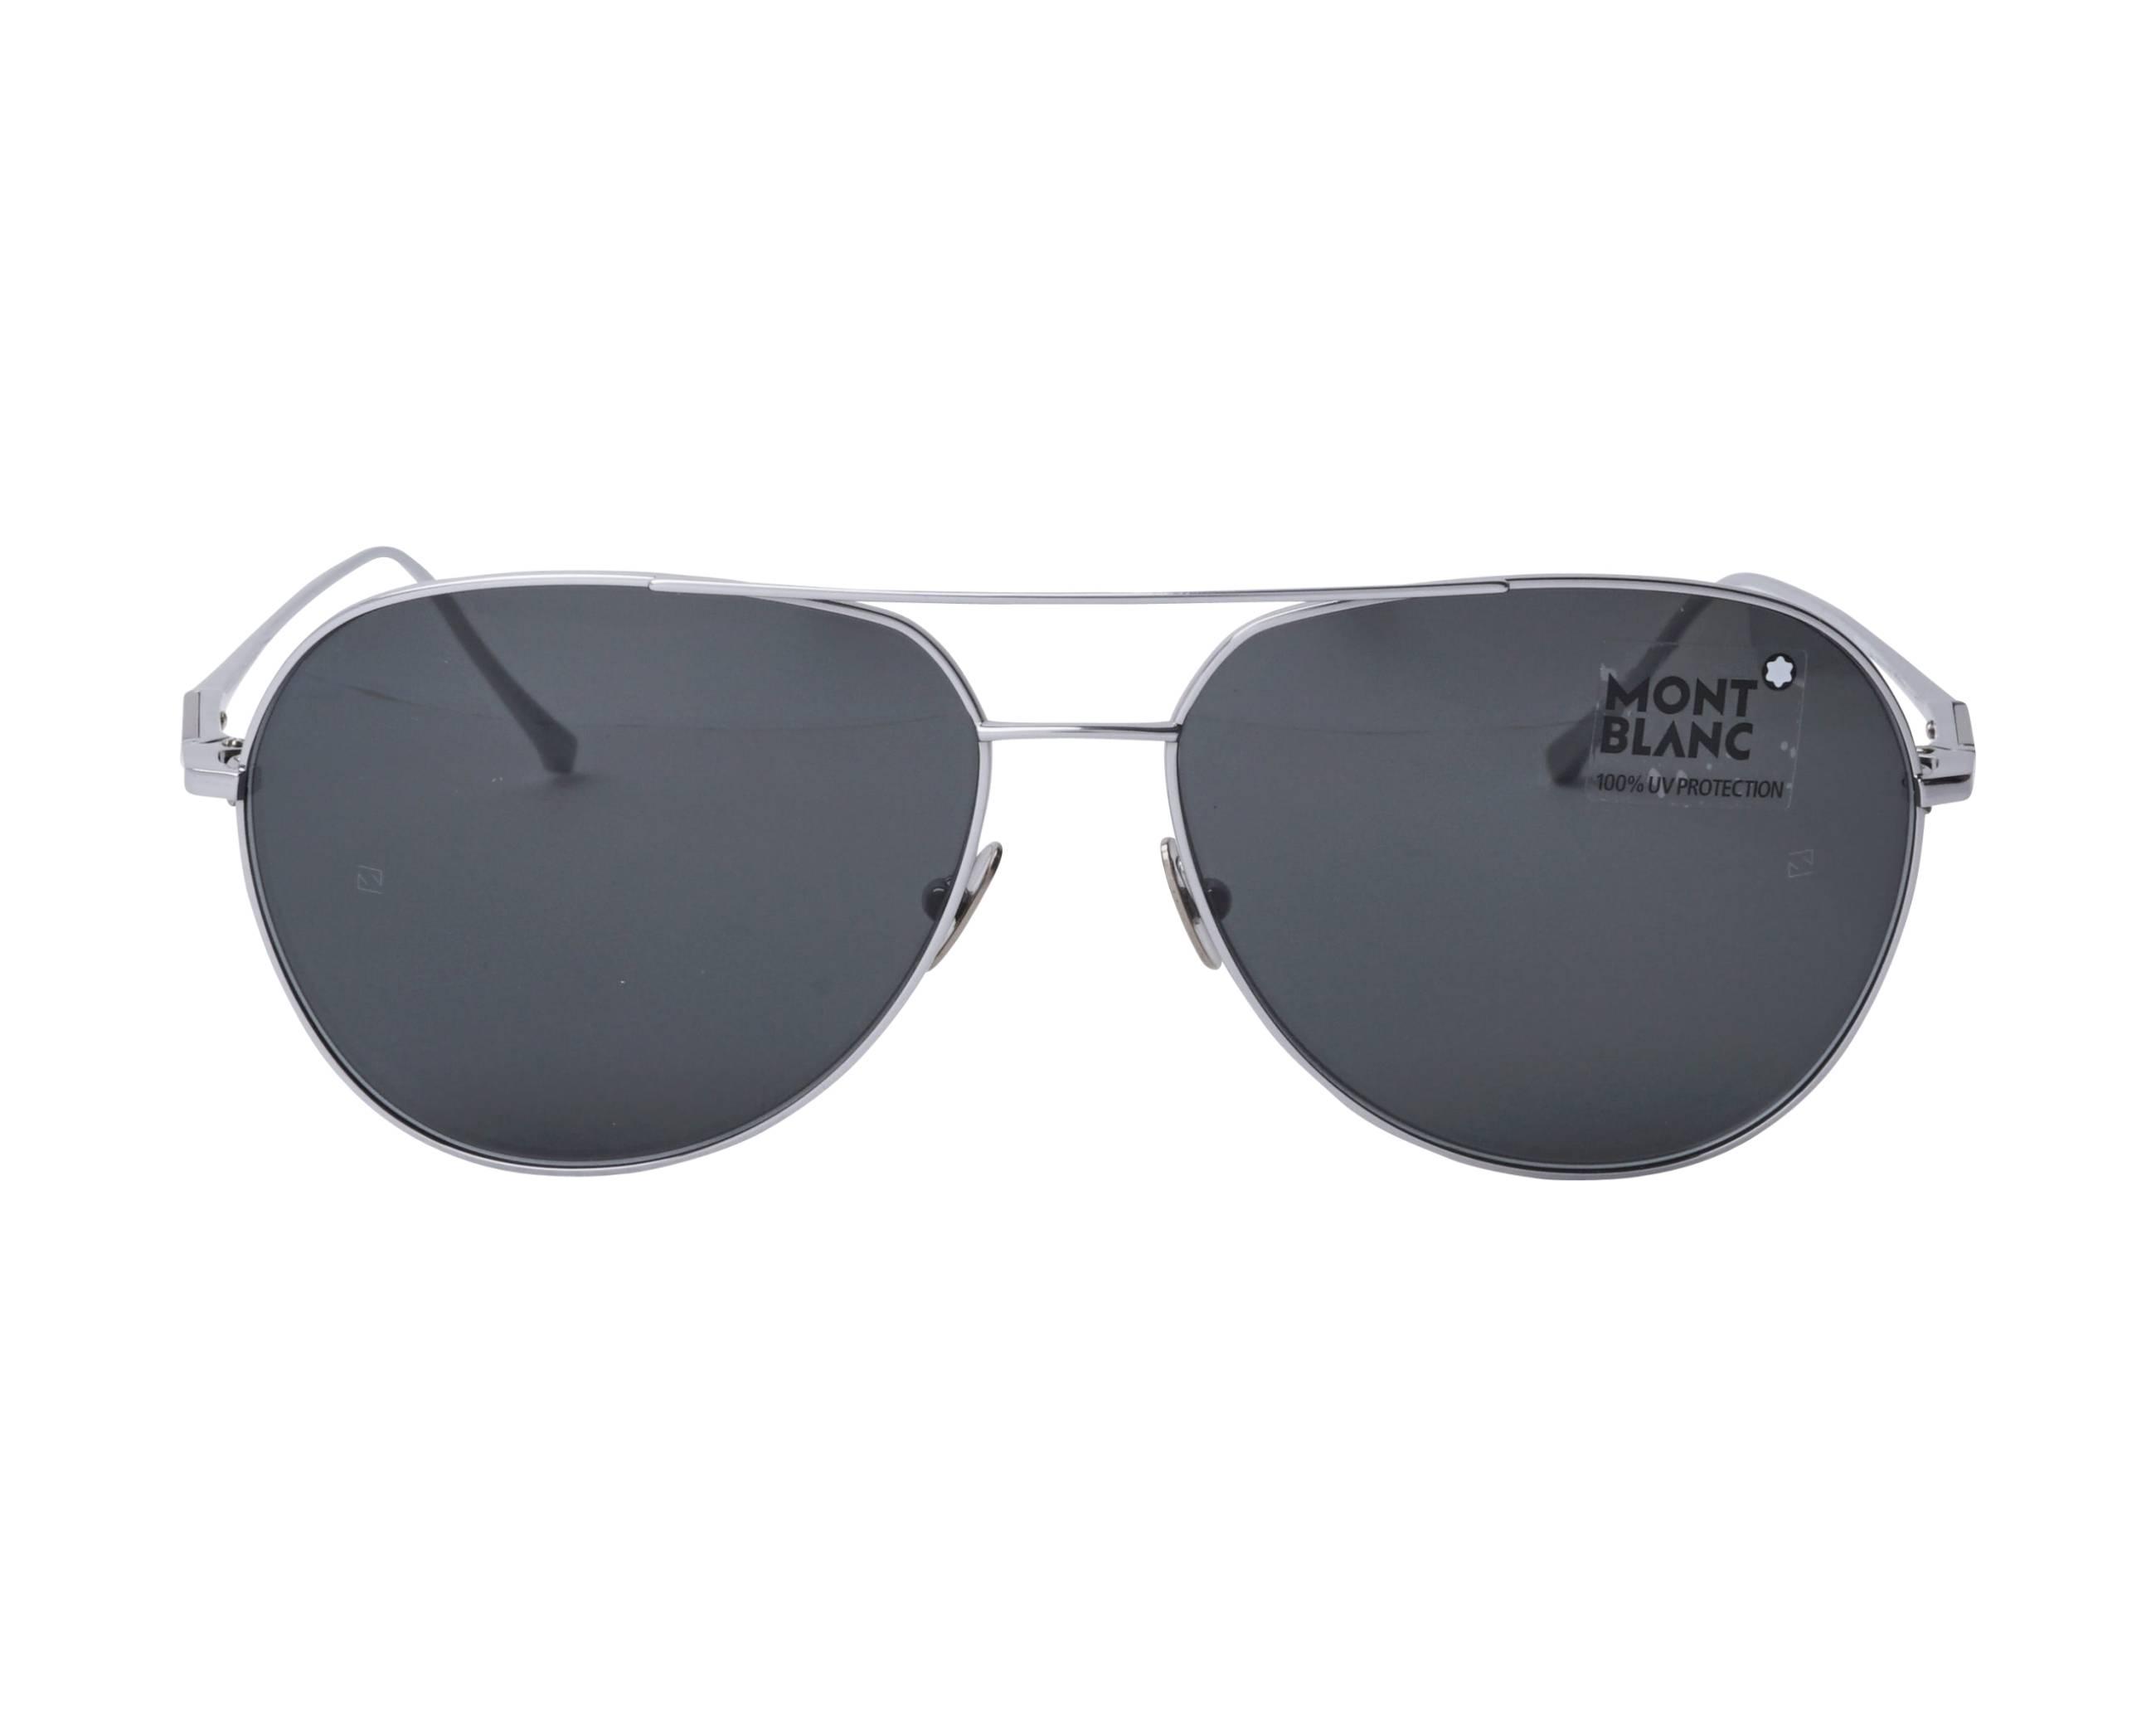 409864d7a7f Sunglasses Mont Blanc MB-657-S 16A 61-15 Ruthenium front view